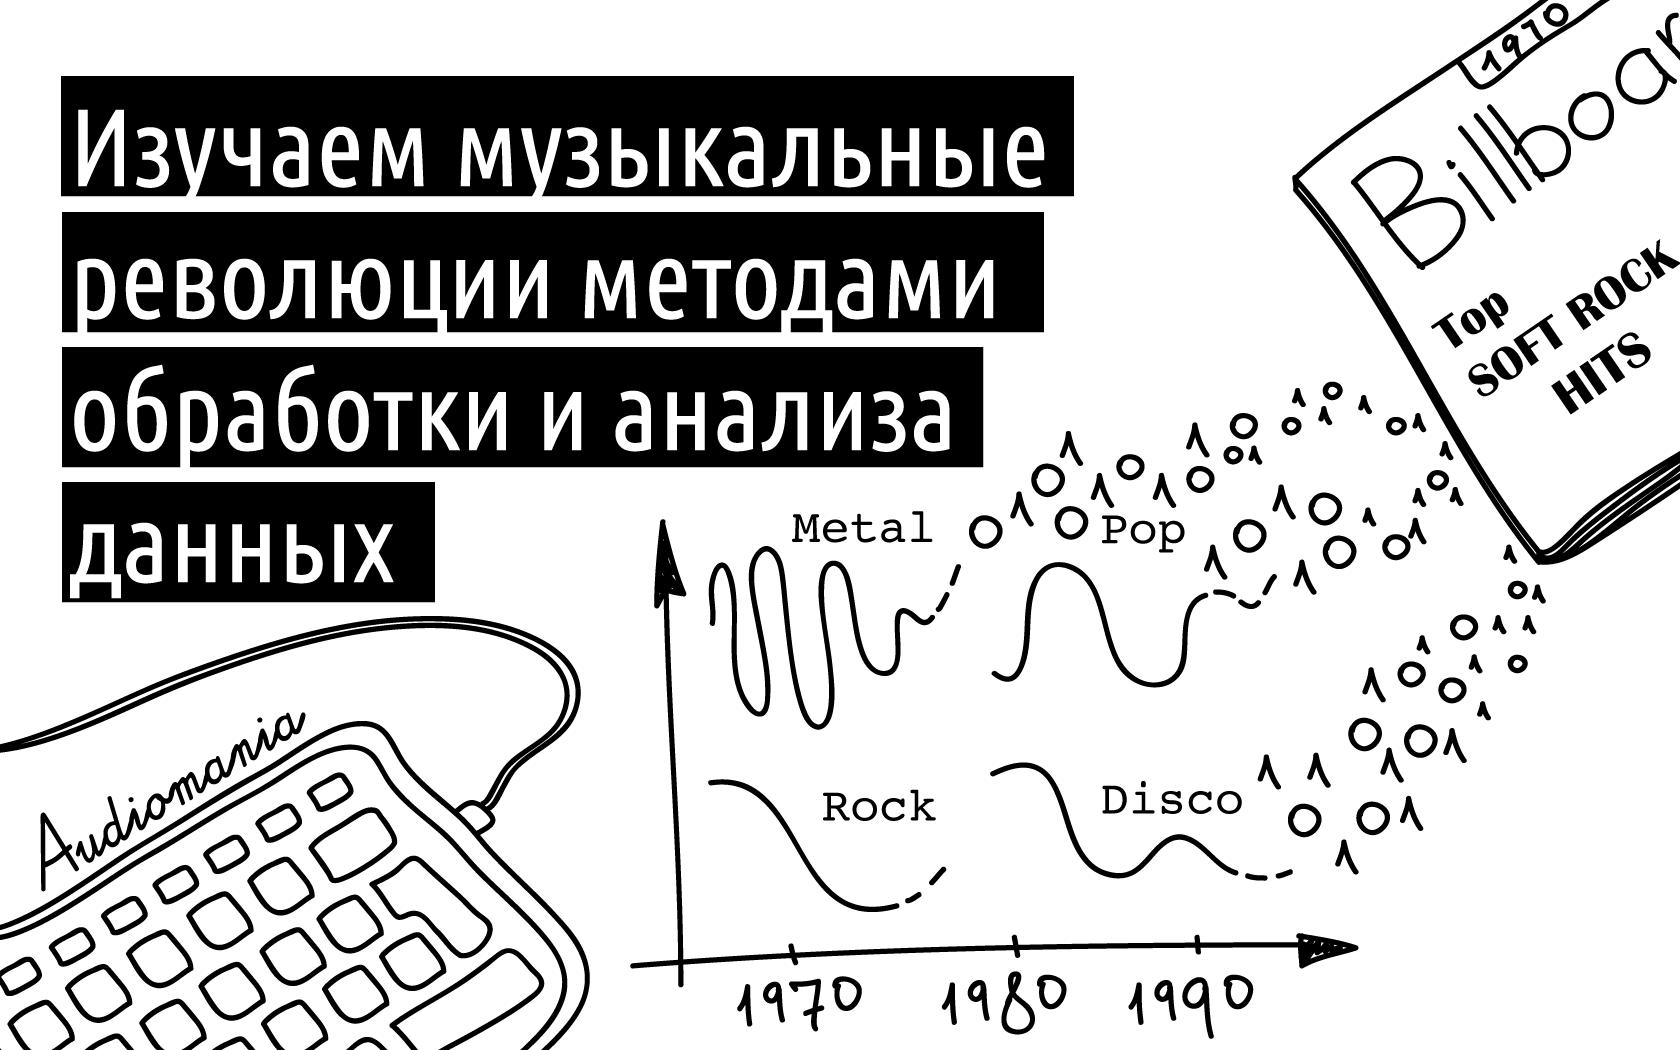 Музыкальные революции с точки зрения анализа данных - 1